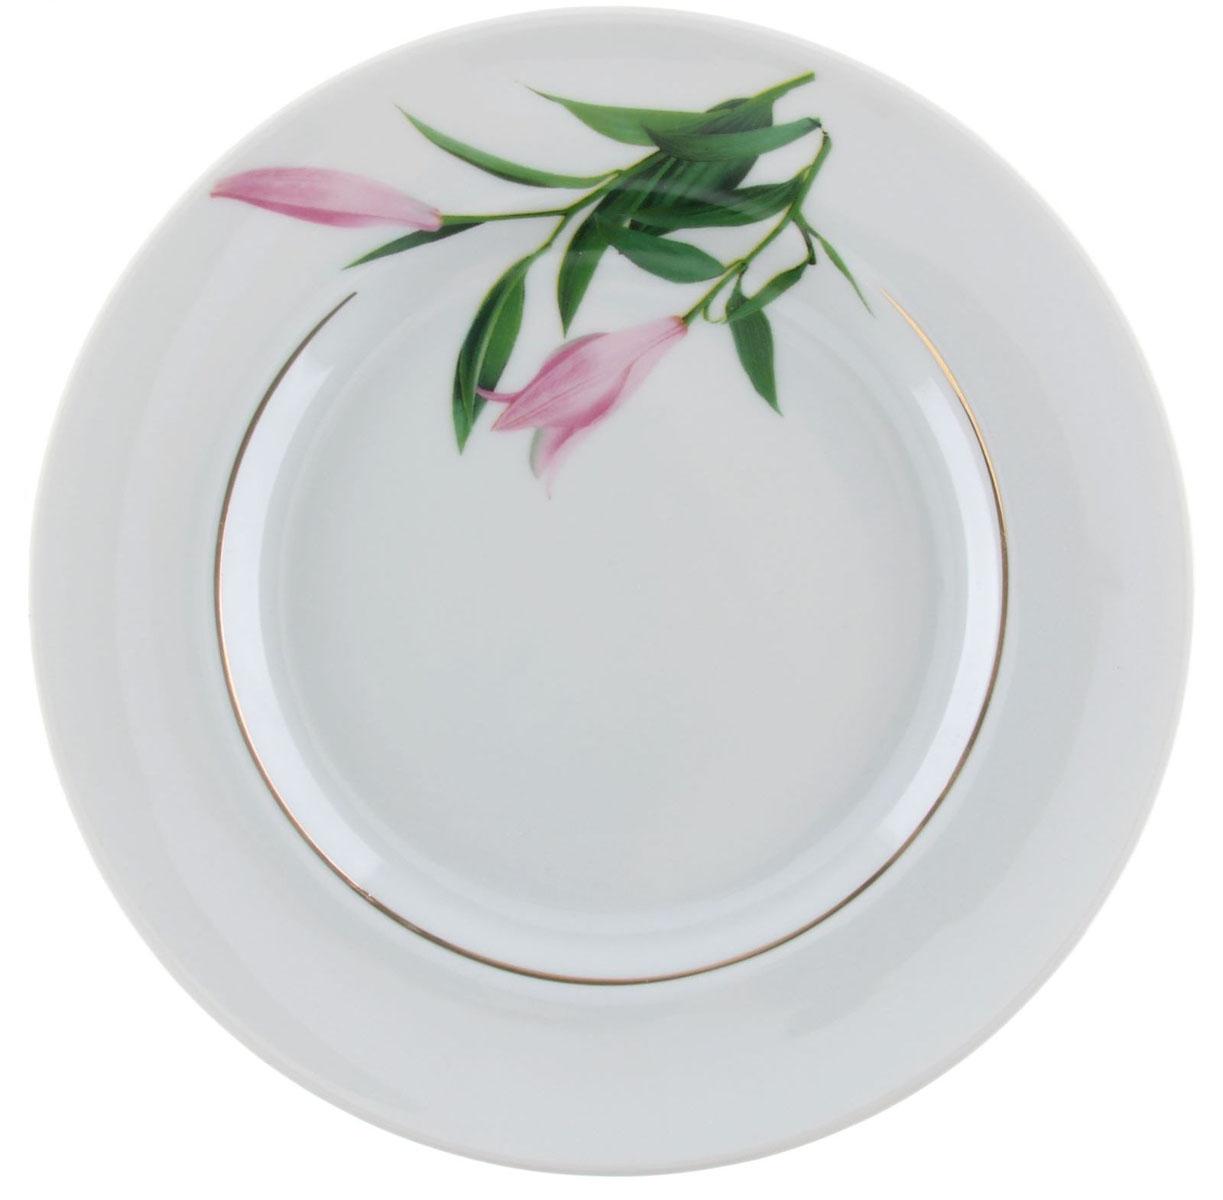 Тарелка мелкая Идиллия. Бутон, диаметр 20 см1303775